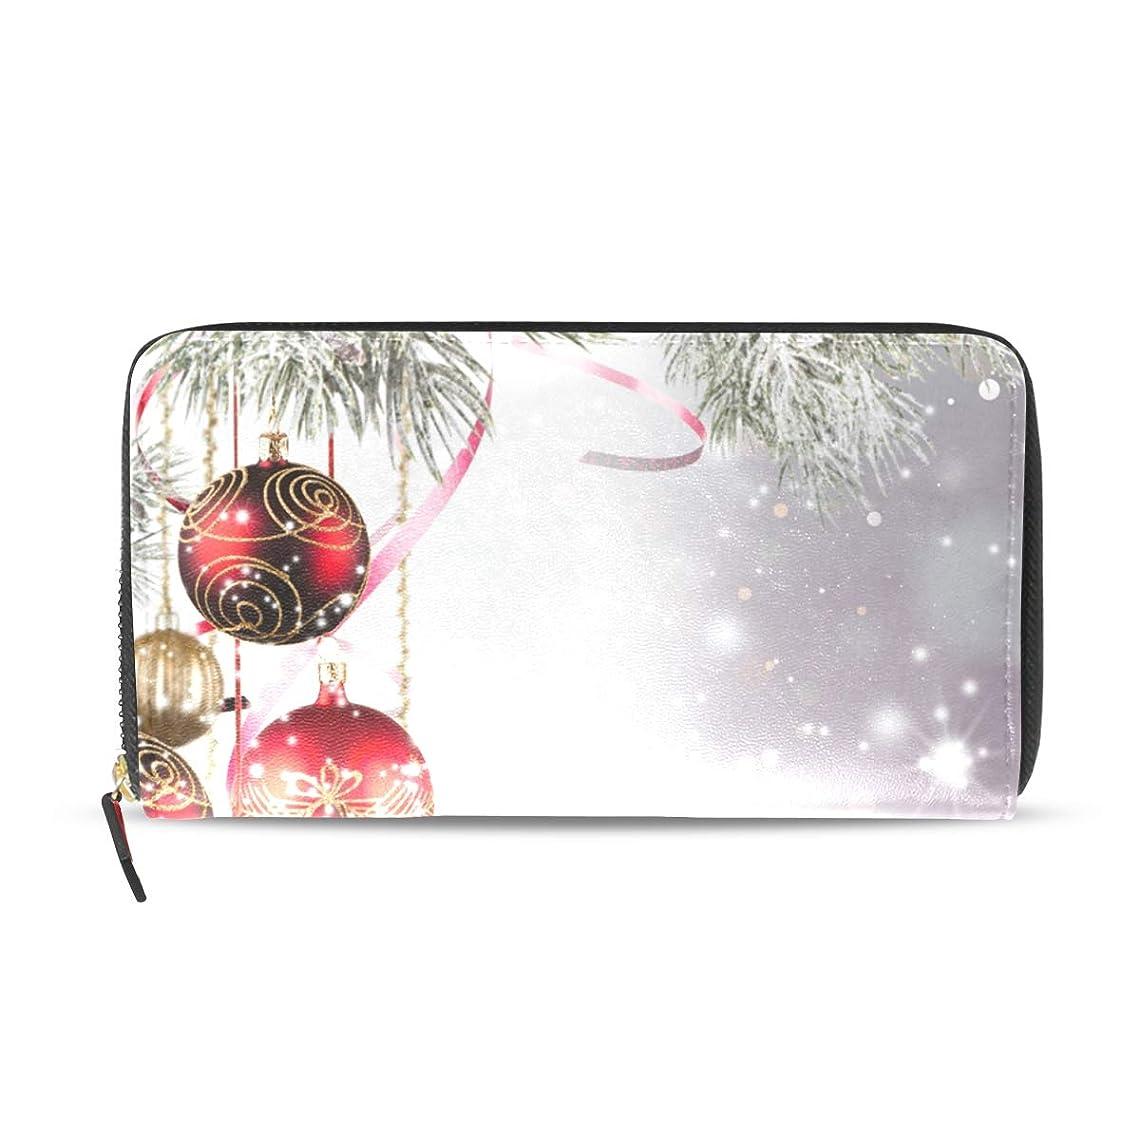 オーディション敬礼ケント旅立の店 長財布 人気 レディース メンズ 大容量多機能 二つ折り ラウンドファスナー PUレザー クリスマス 冬の雪 ウォレット ブラック